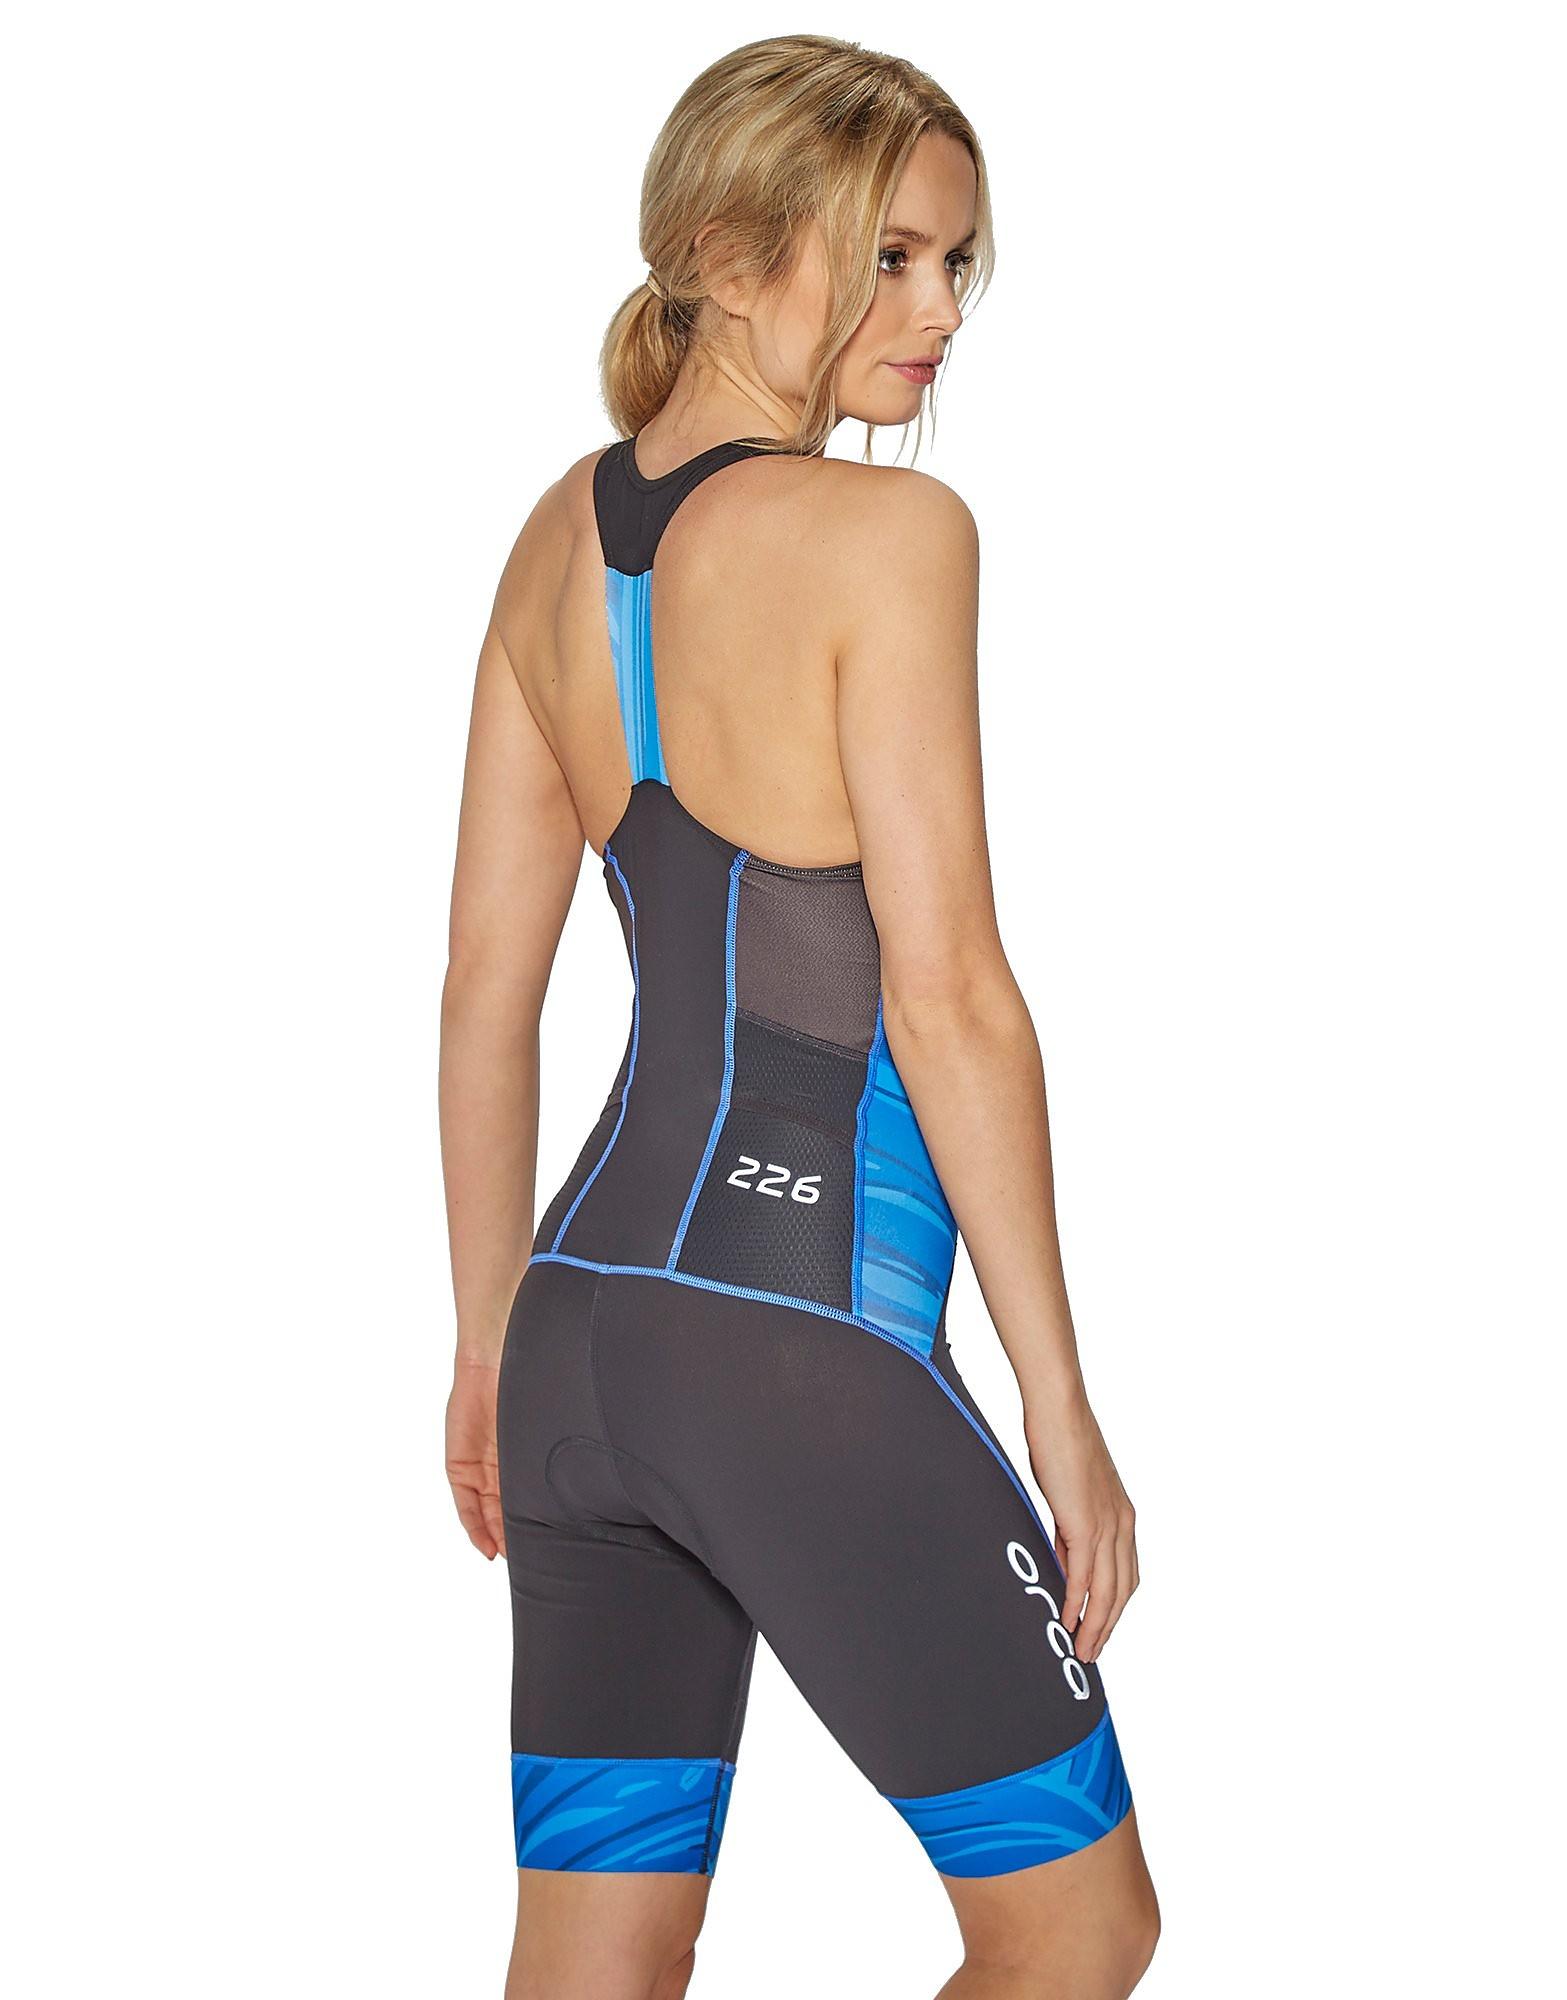 Orca Core Women's Race Suit